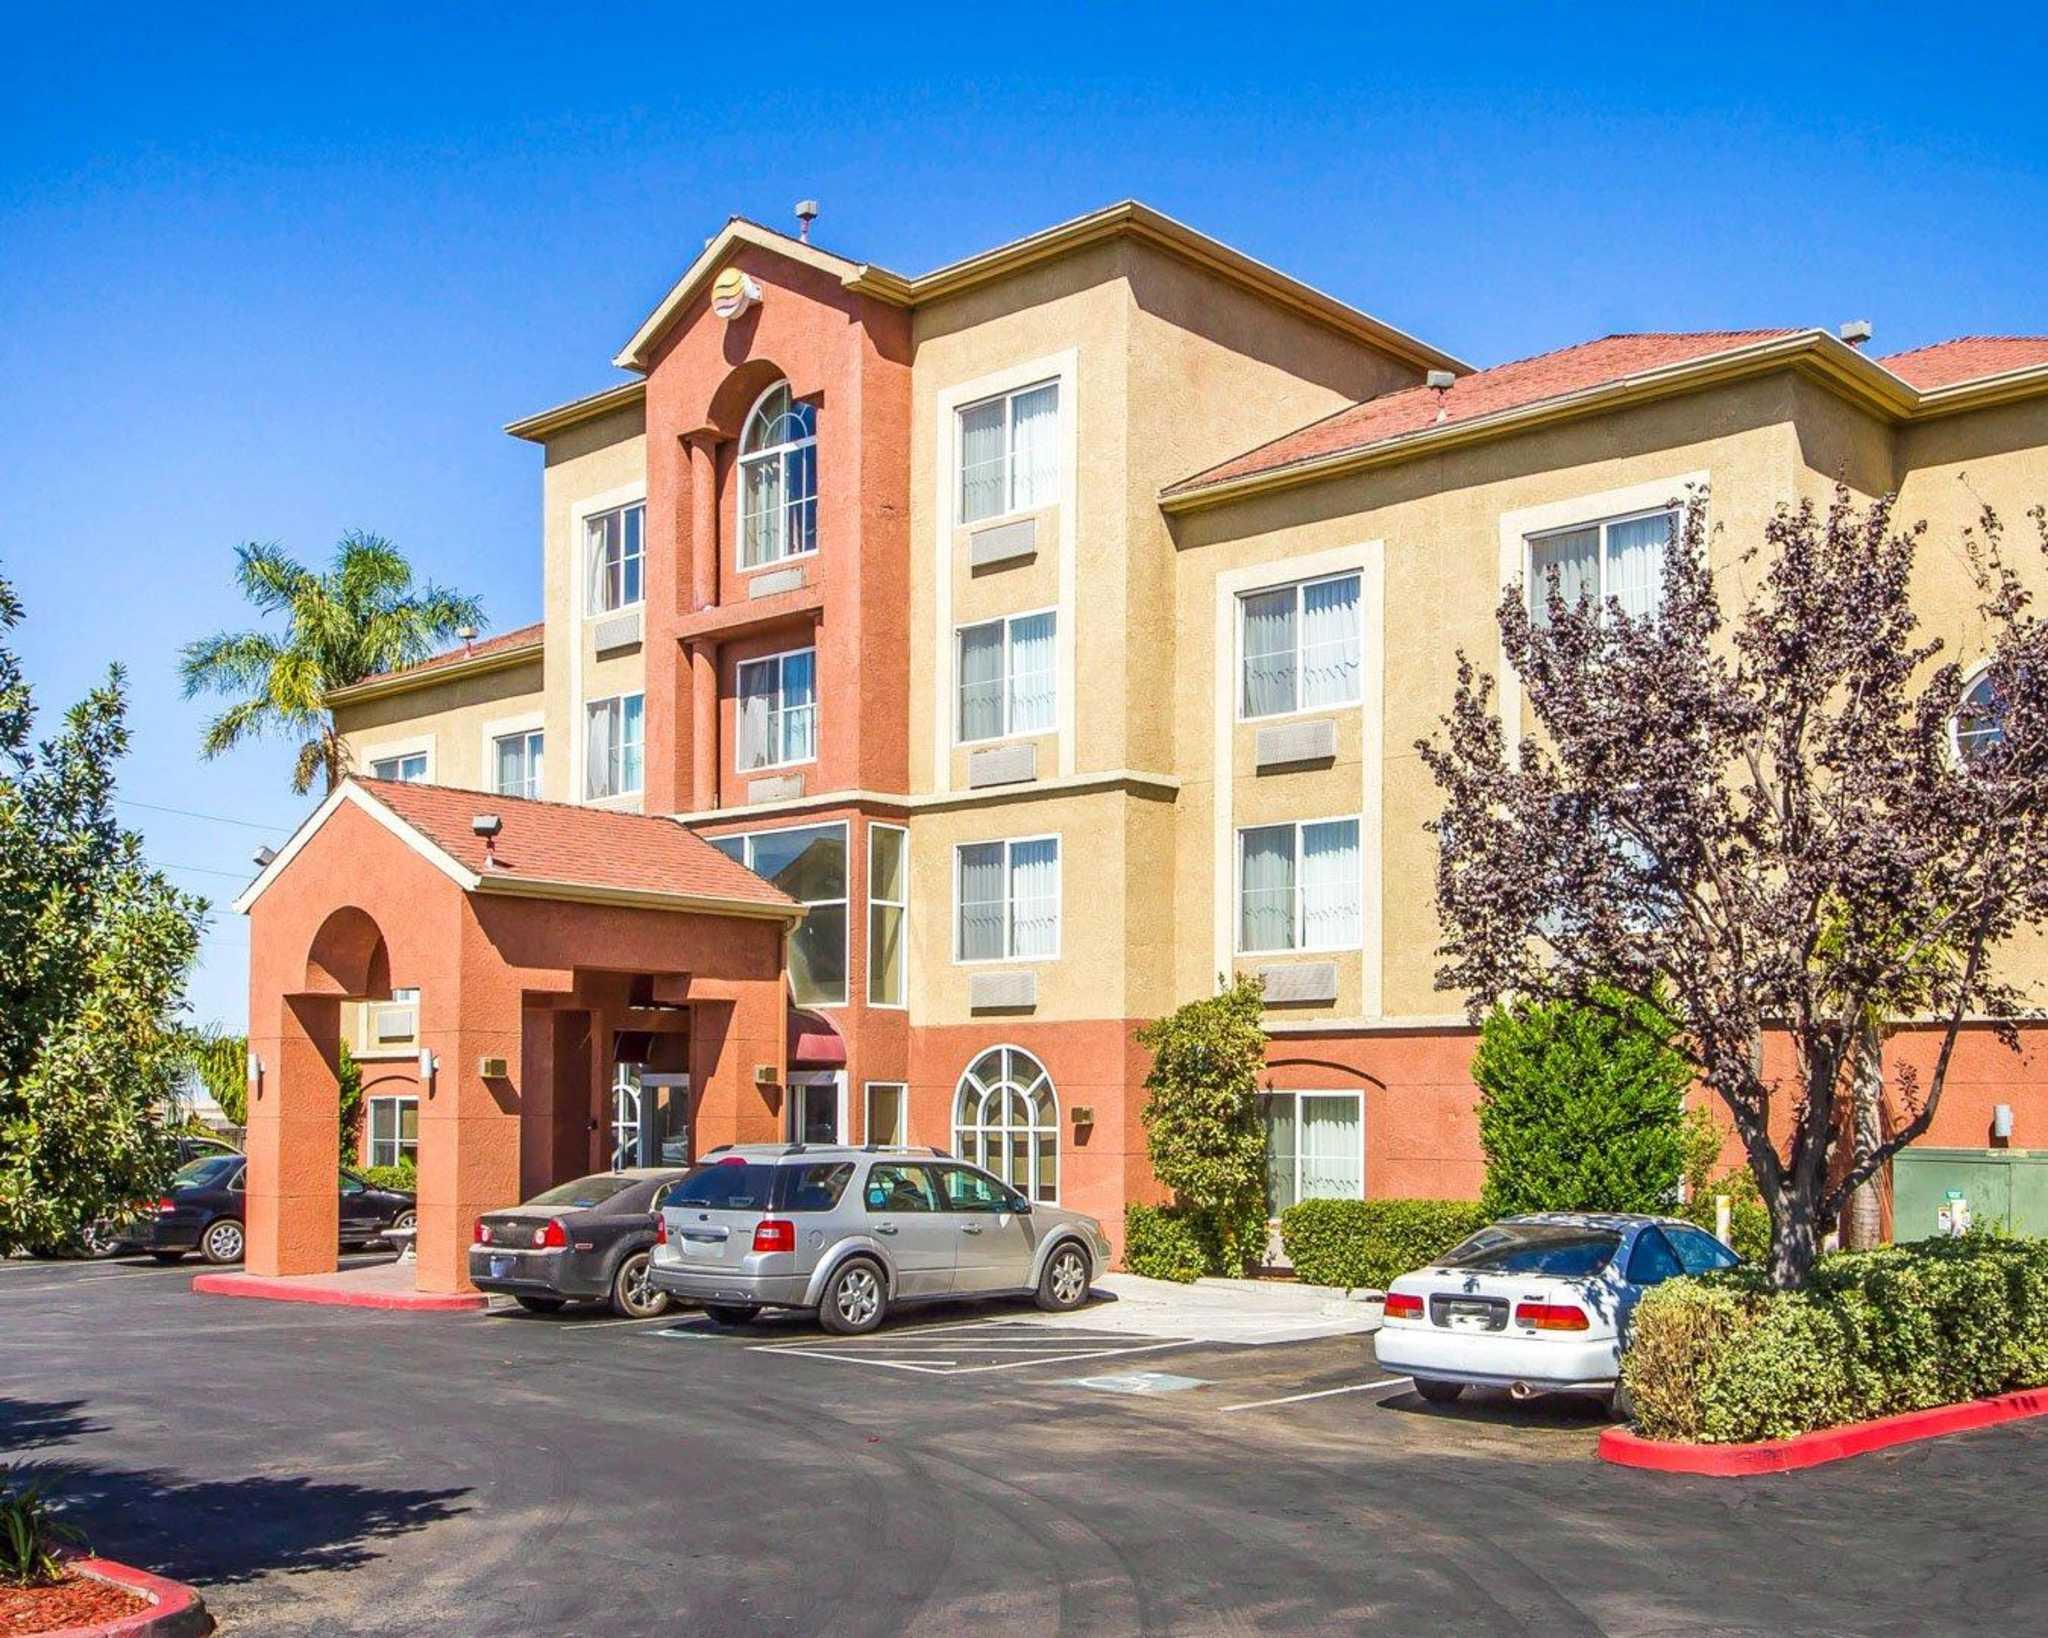 Hotels In Stockton Ca Near I